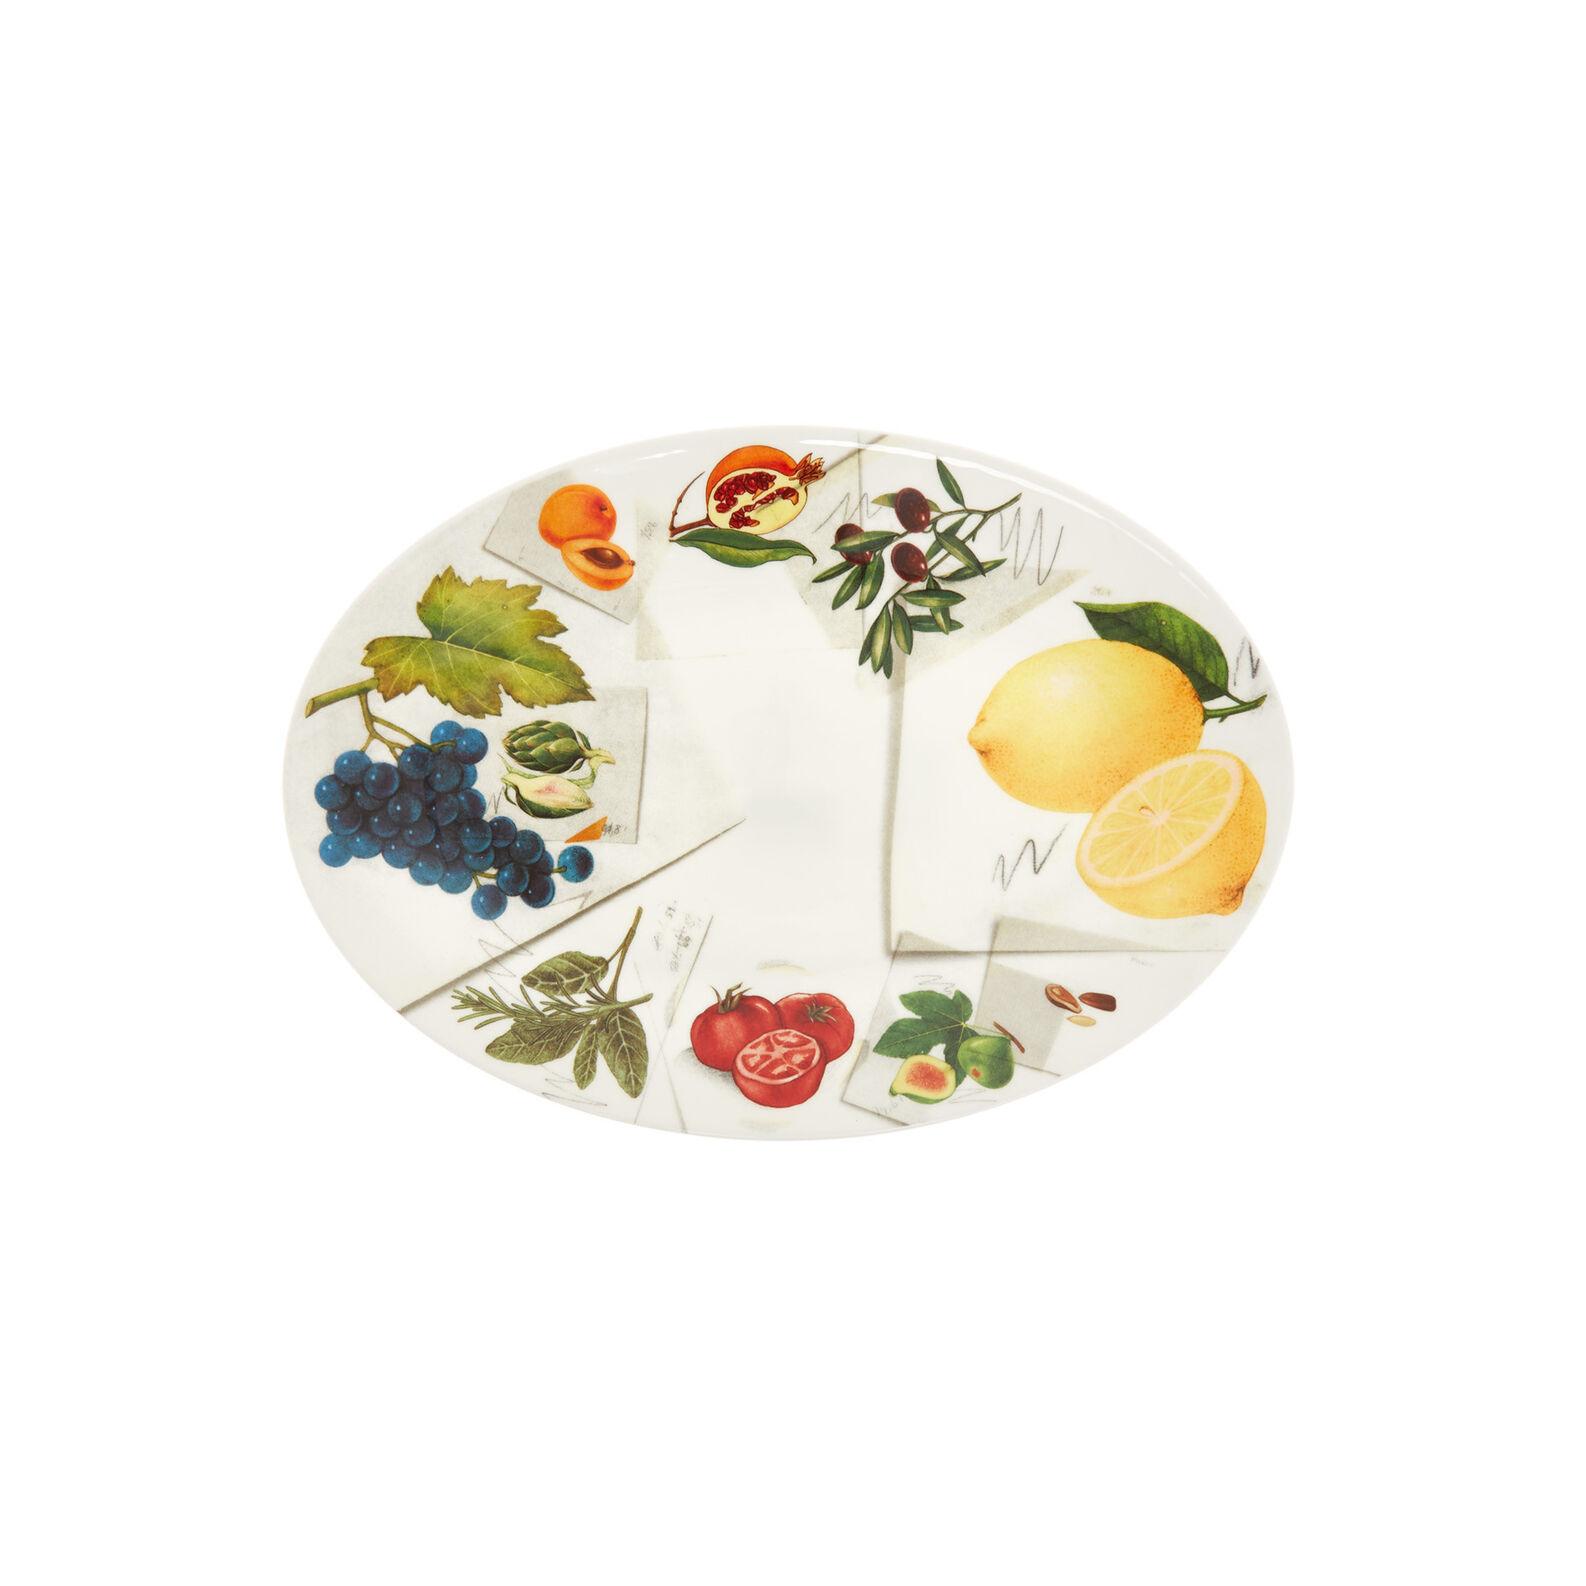 Piatto ovale fine bone china decoro vegan La Cucina Italiana